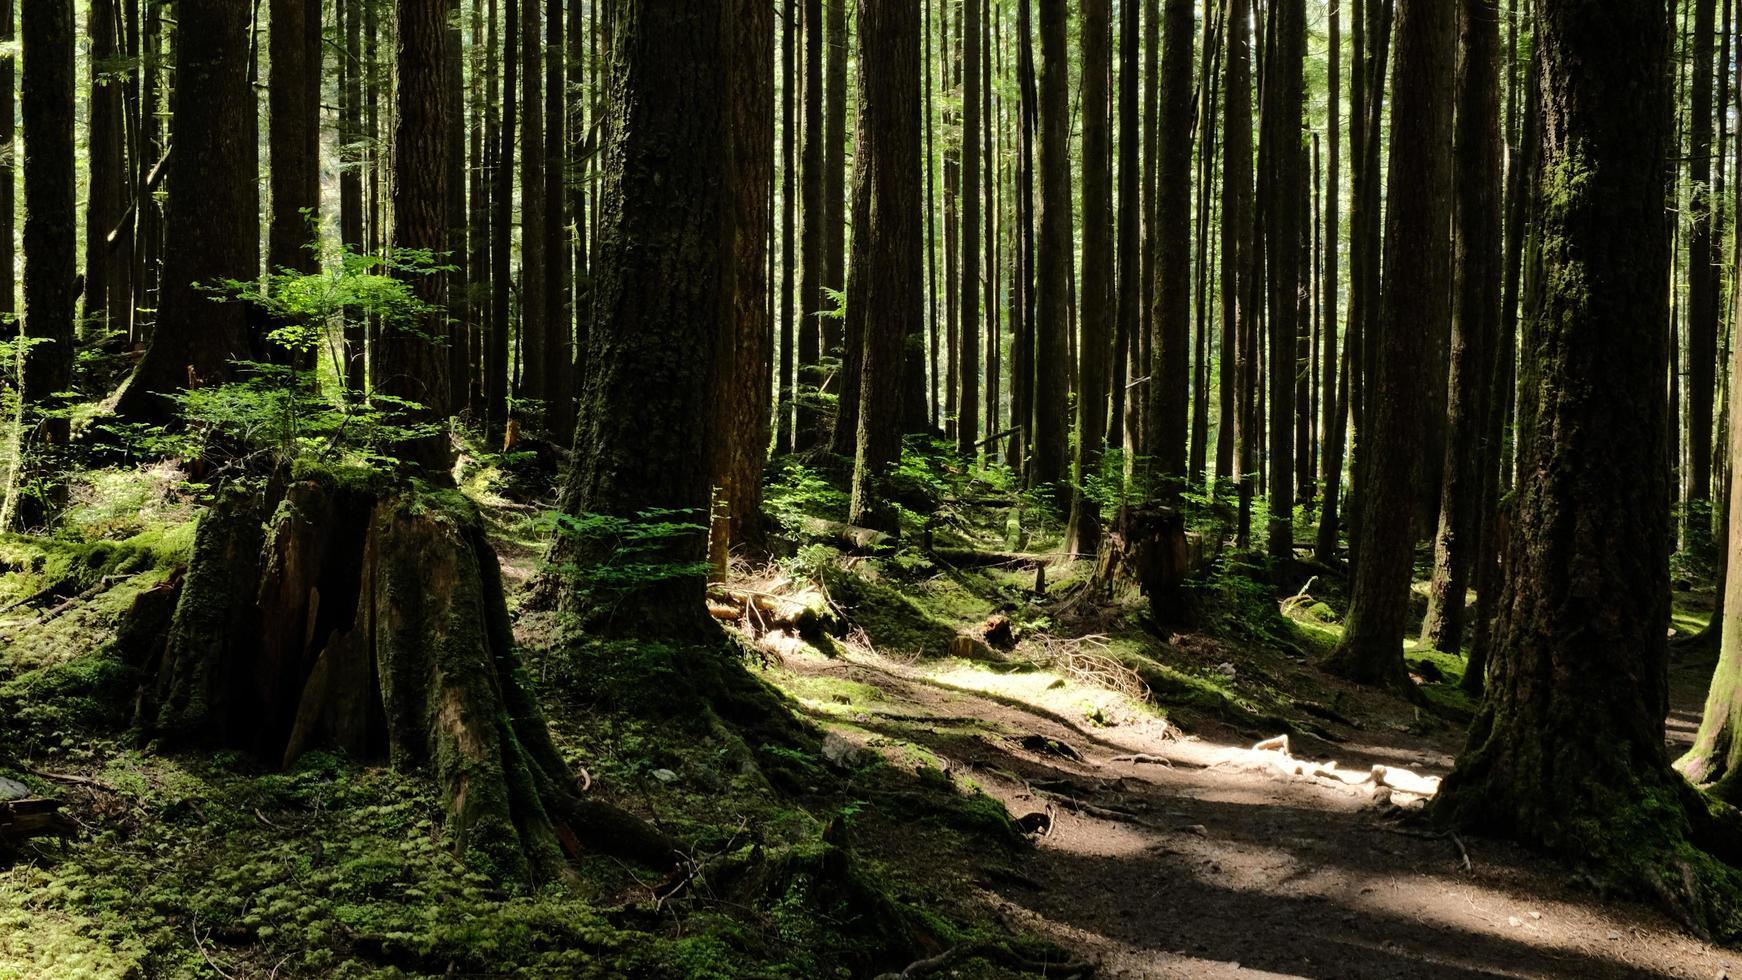 chemin forestier au printemps photo